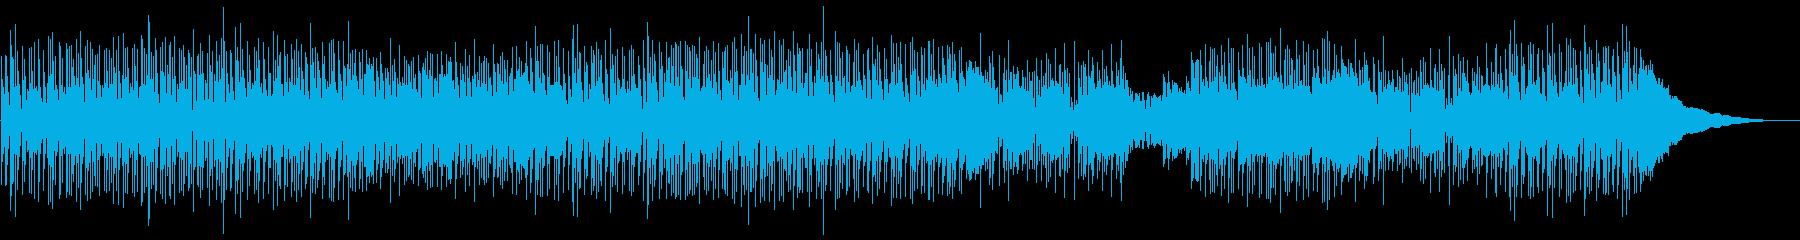 エネルギッシュなインディーロックトラックの再生済みの波形